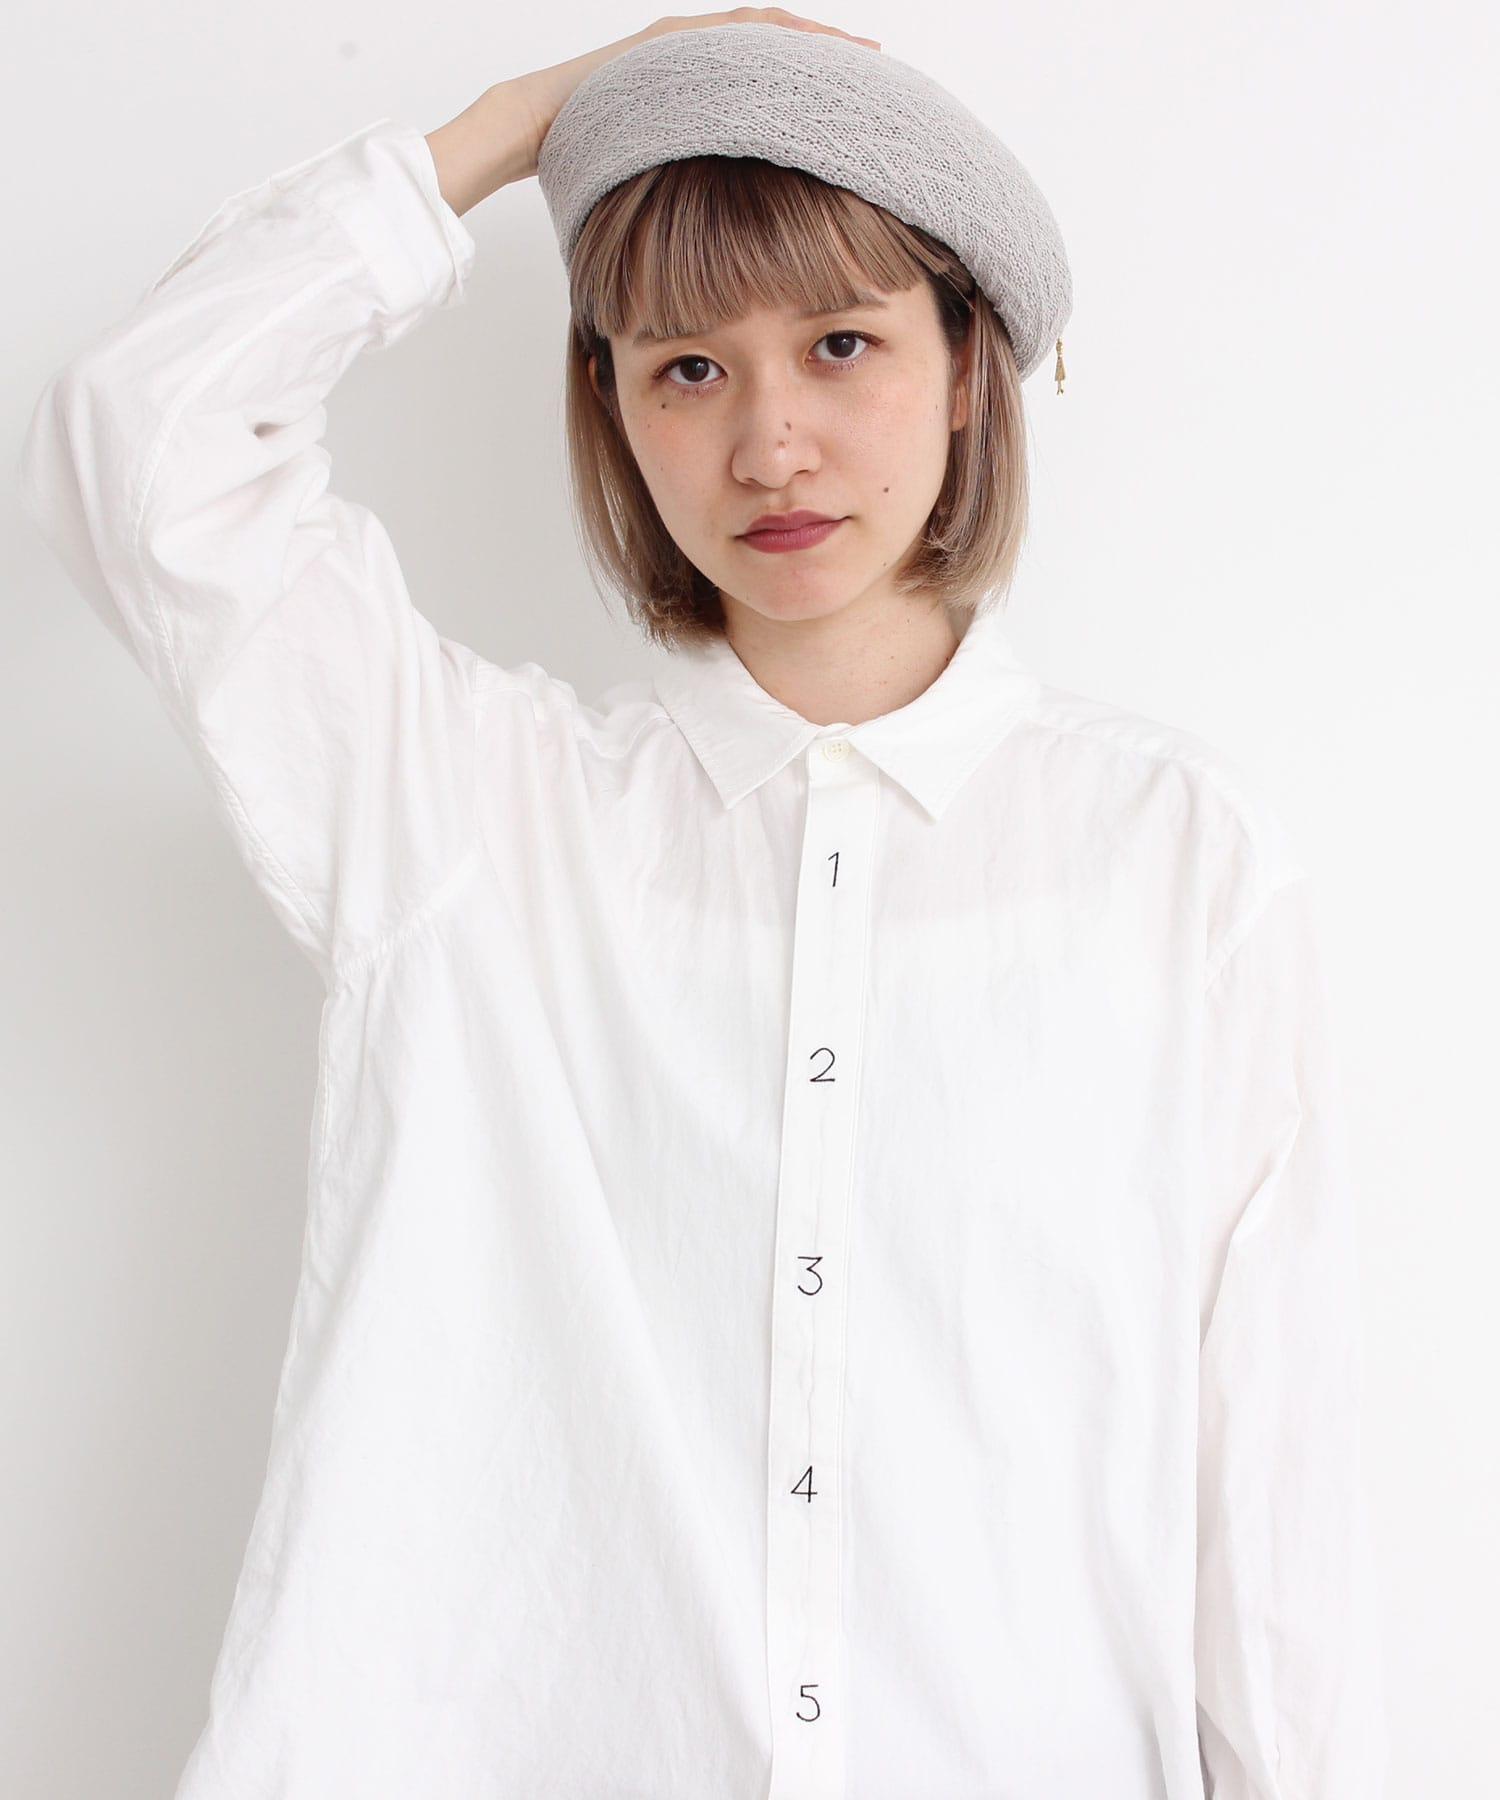 シャトルOX数字刺繍シャツ